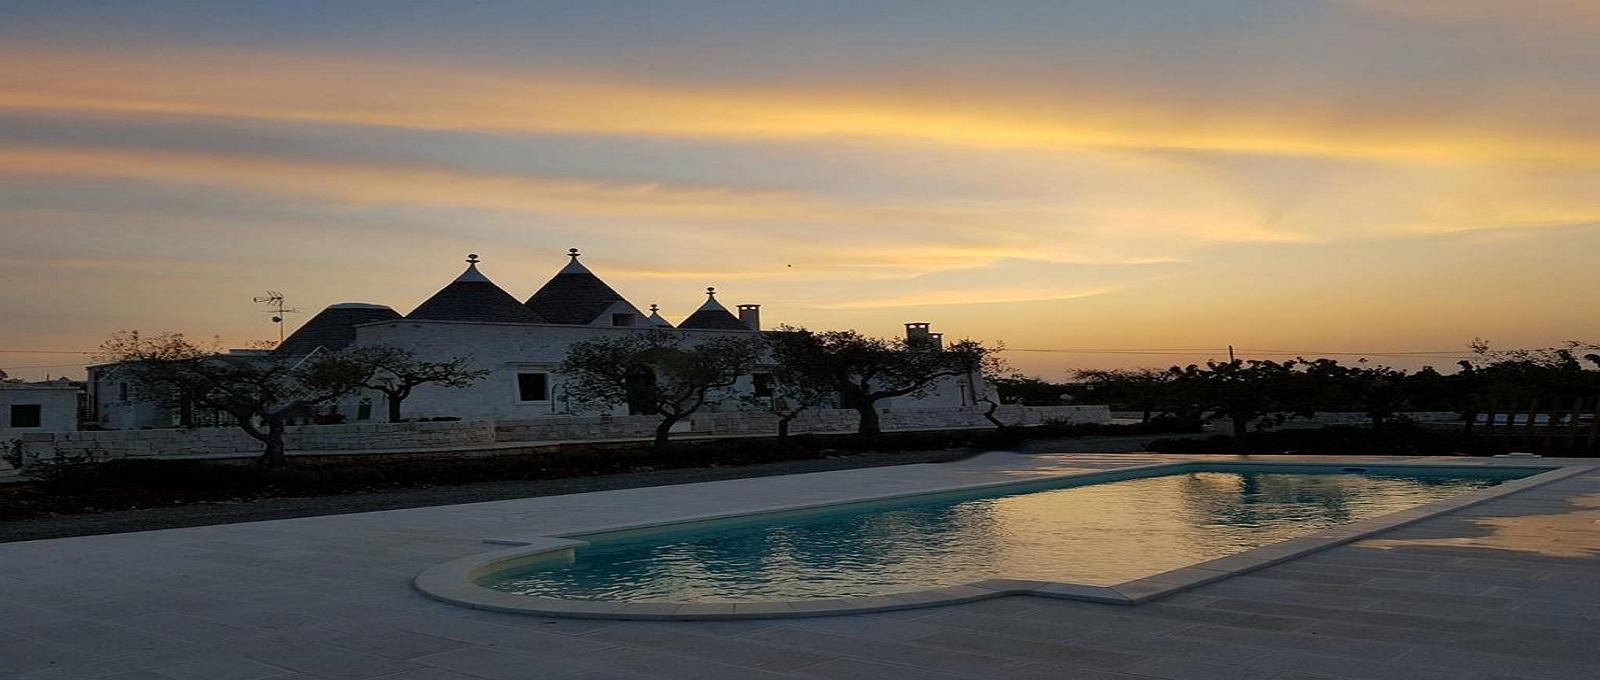 Casa vacanze in Puglia | Il Carpino a Martina Franca